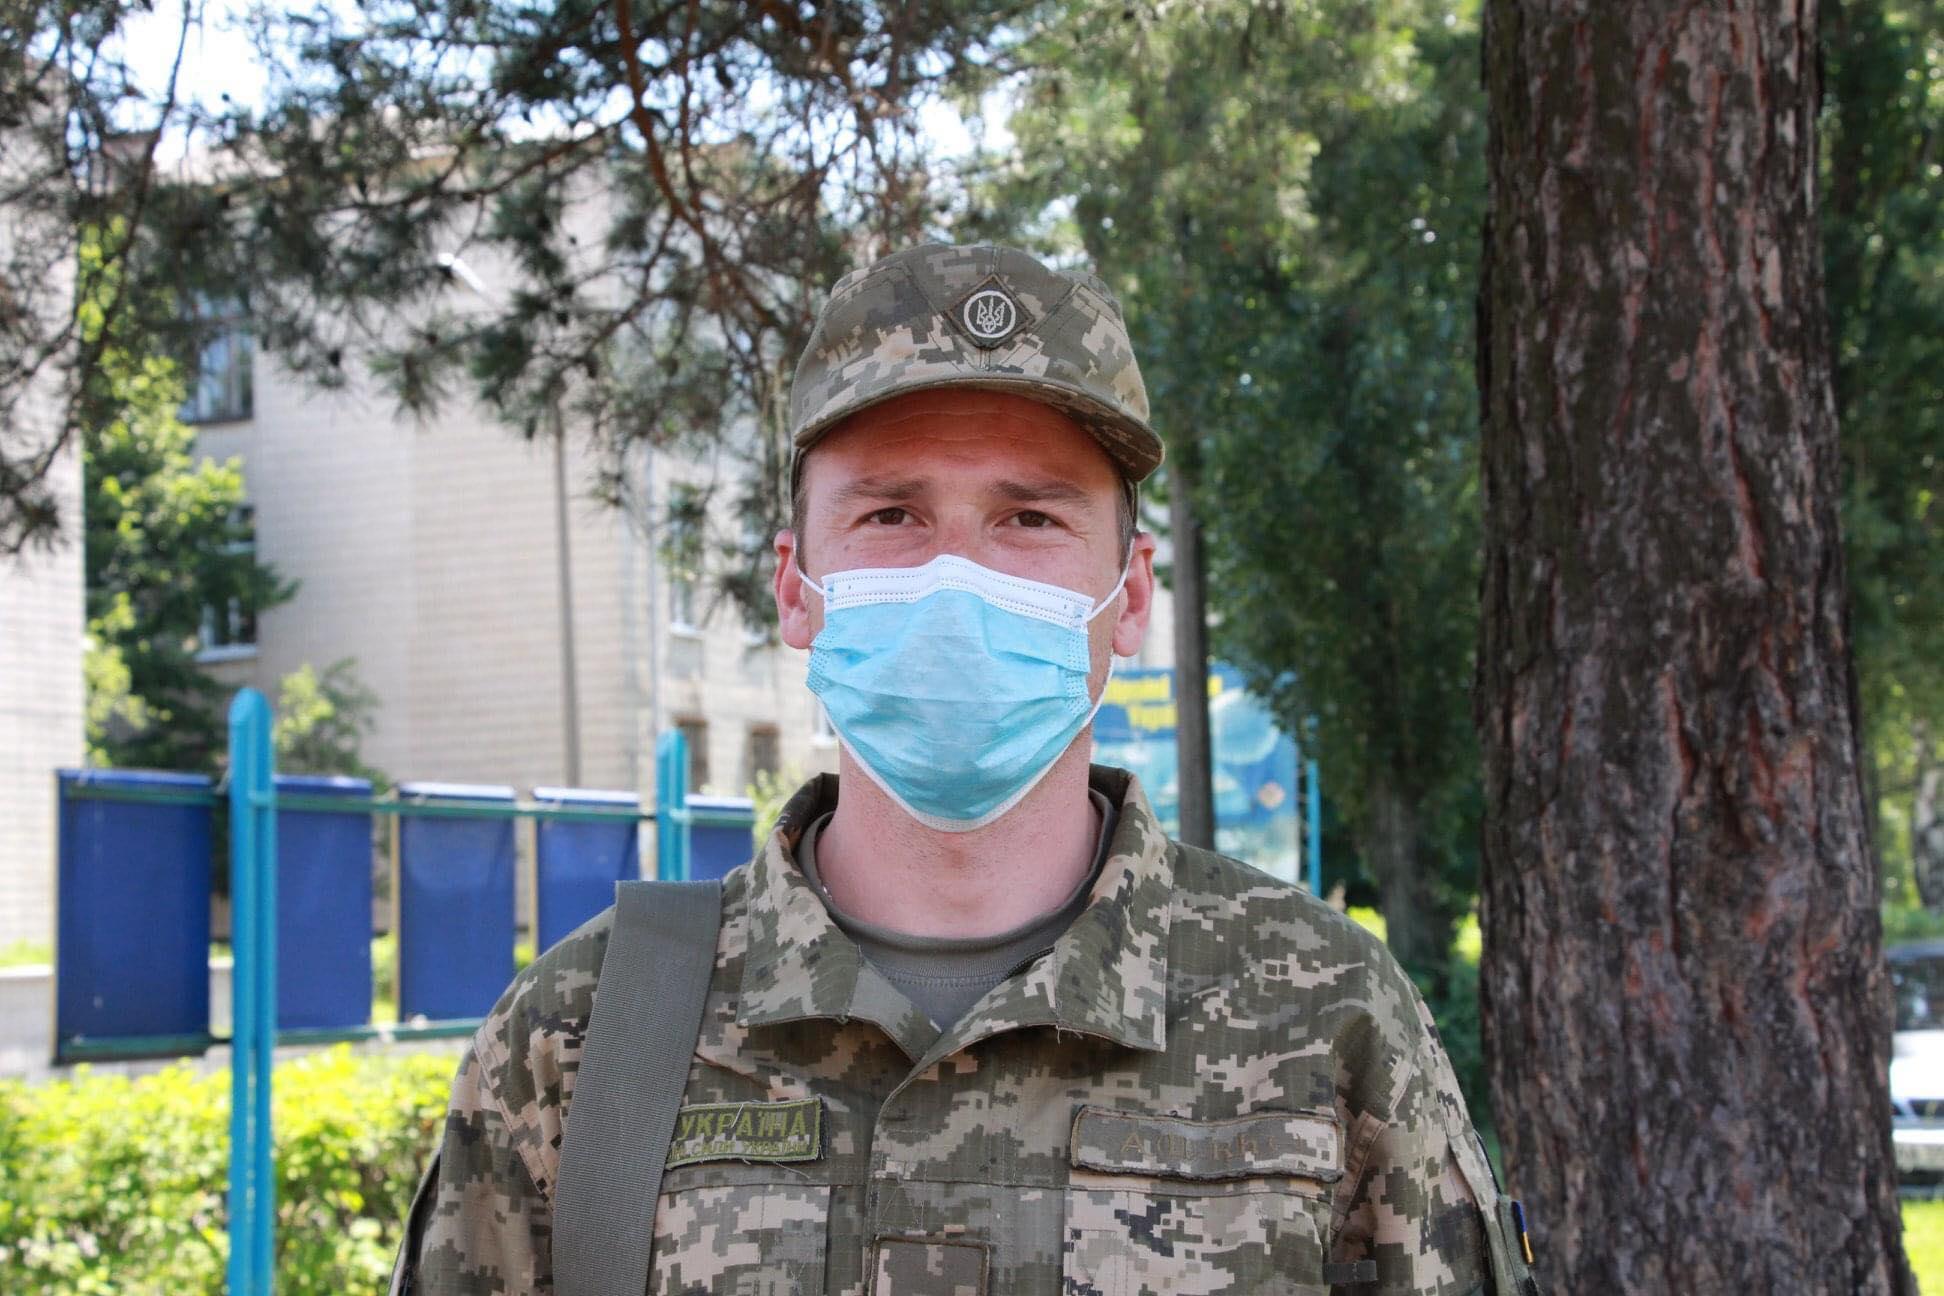 Після строкової служби на контрактну: історія лейтенанта Бихова